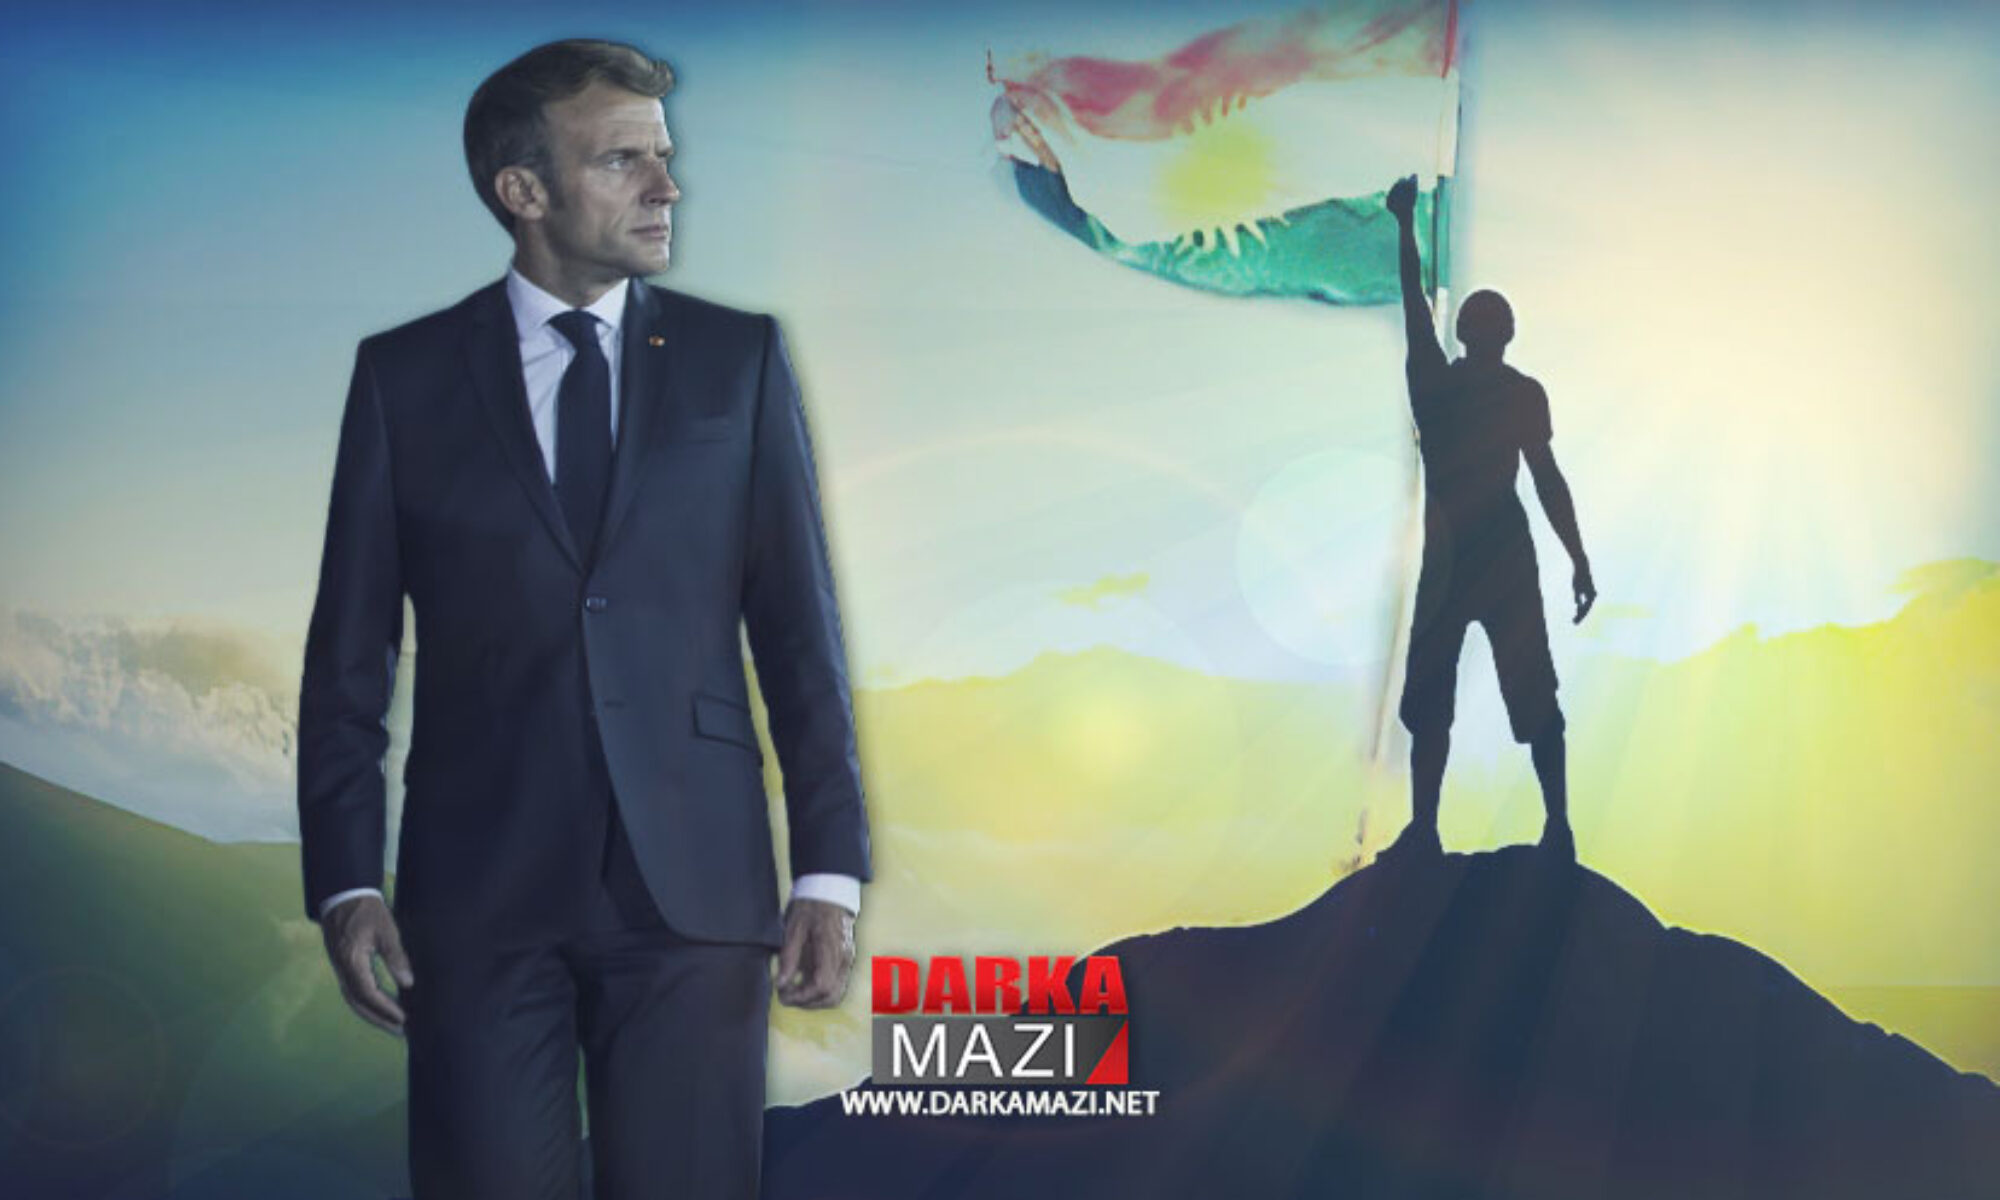 Fransa medyası: Macron'un ziyareti Barzani ve Peşmerge'ye saygı anlamı taşıyor Peşmerge, Hucem Surçi, IŞİD; Mesut Barzani